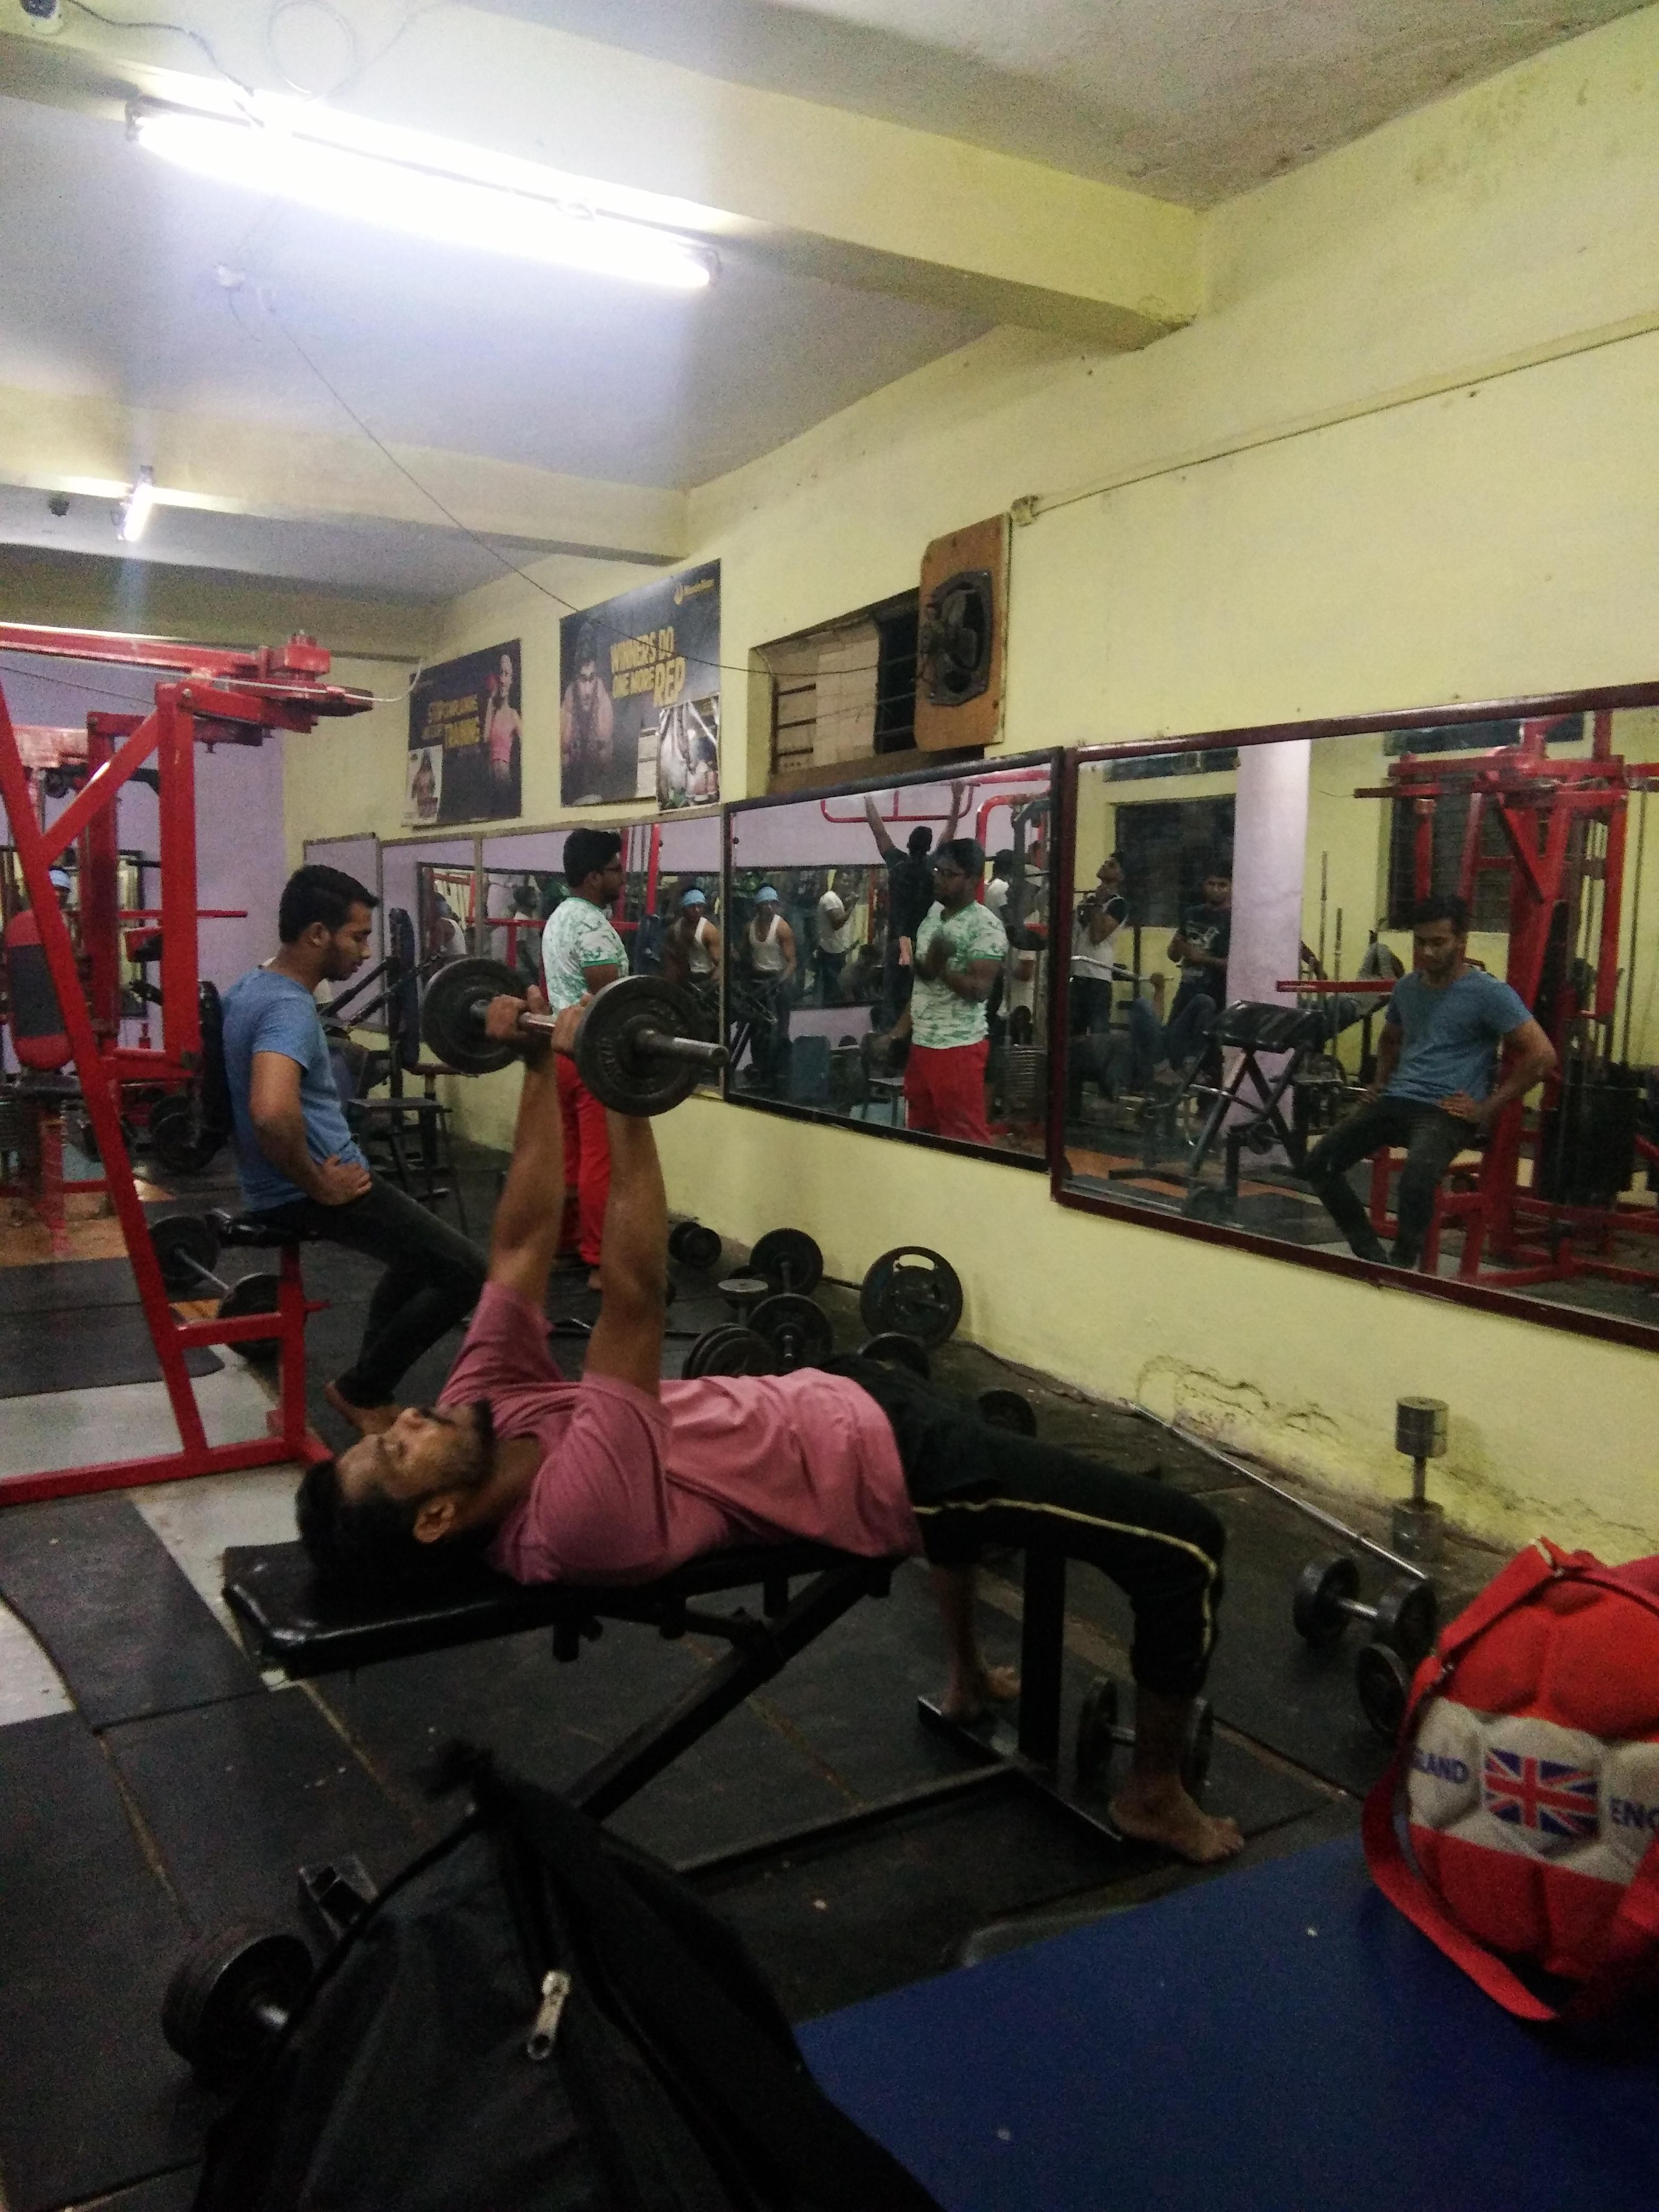 Body master gym